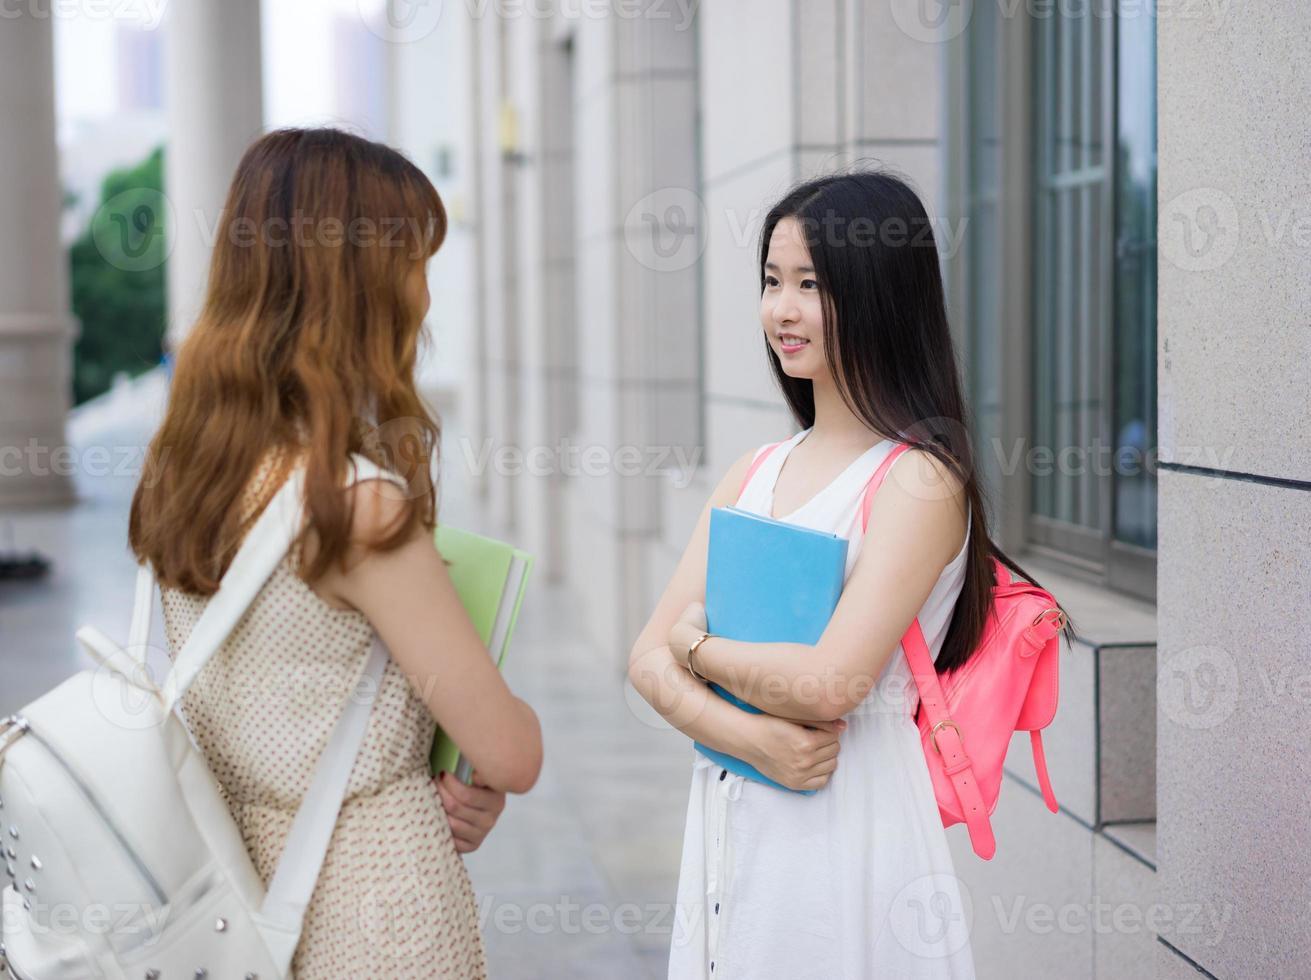 asiatische Studentinnen foto